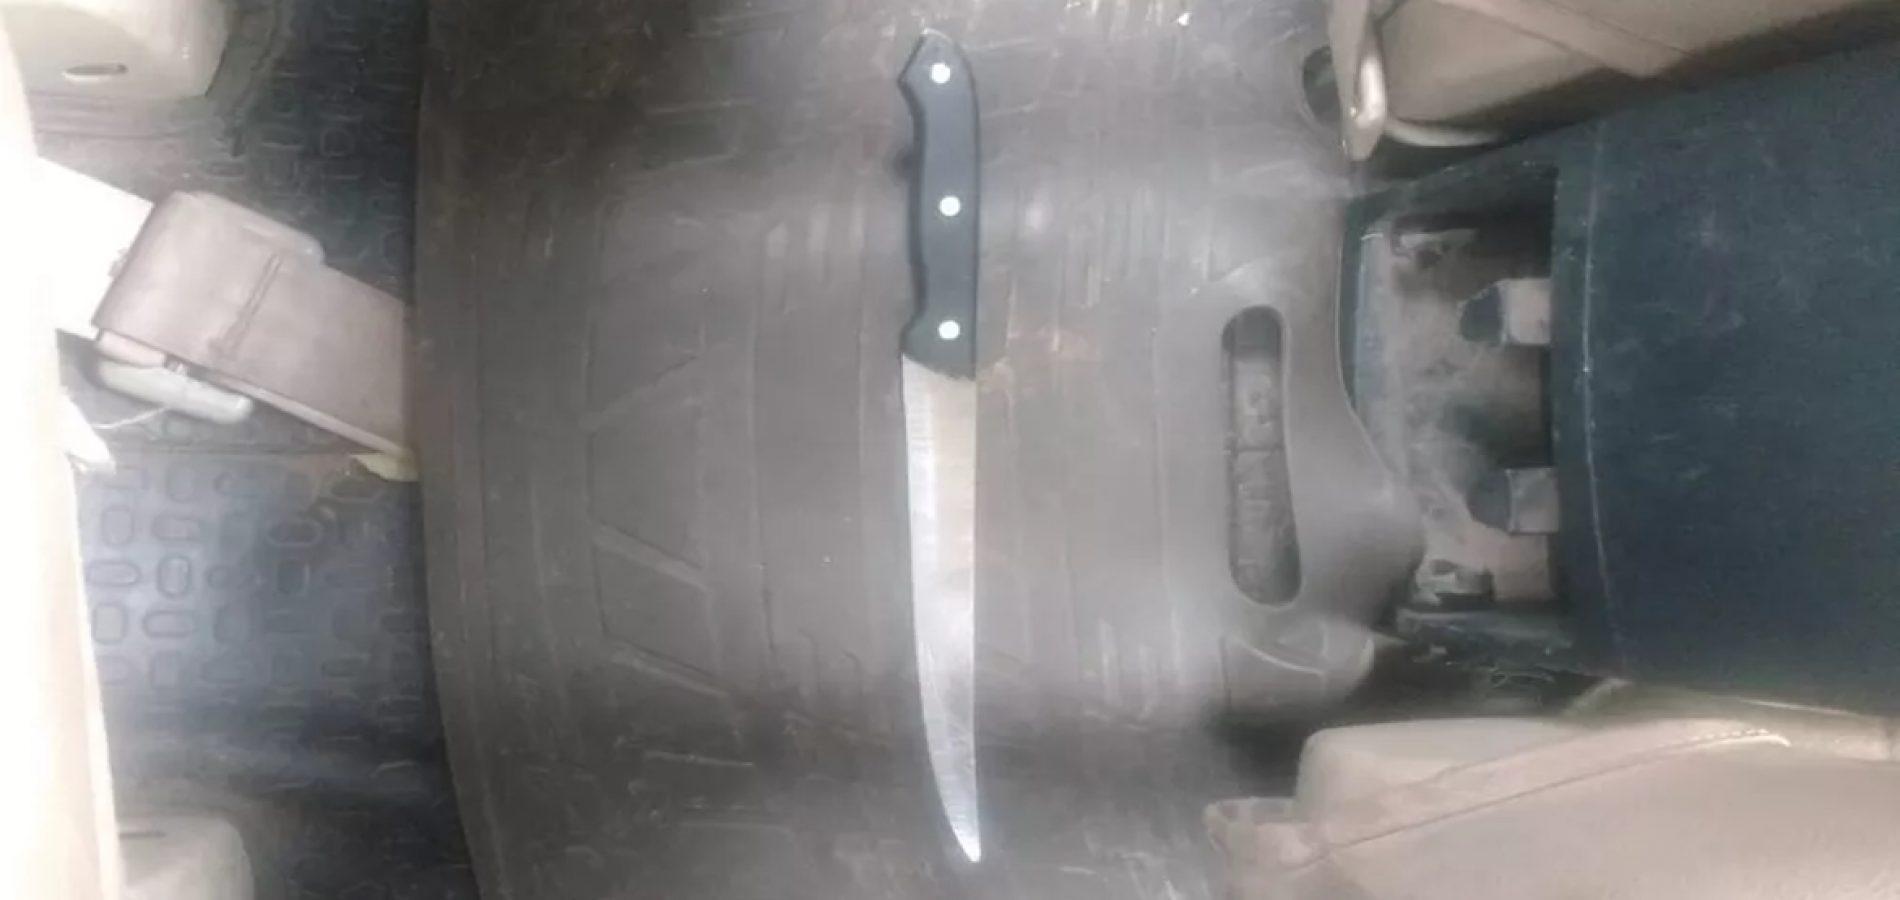 Mãe surta dentro de padaria e ameaça matar recém-nascido com faca